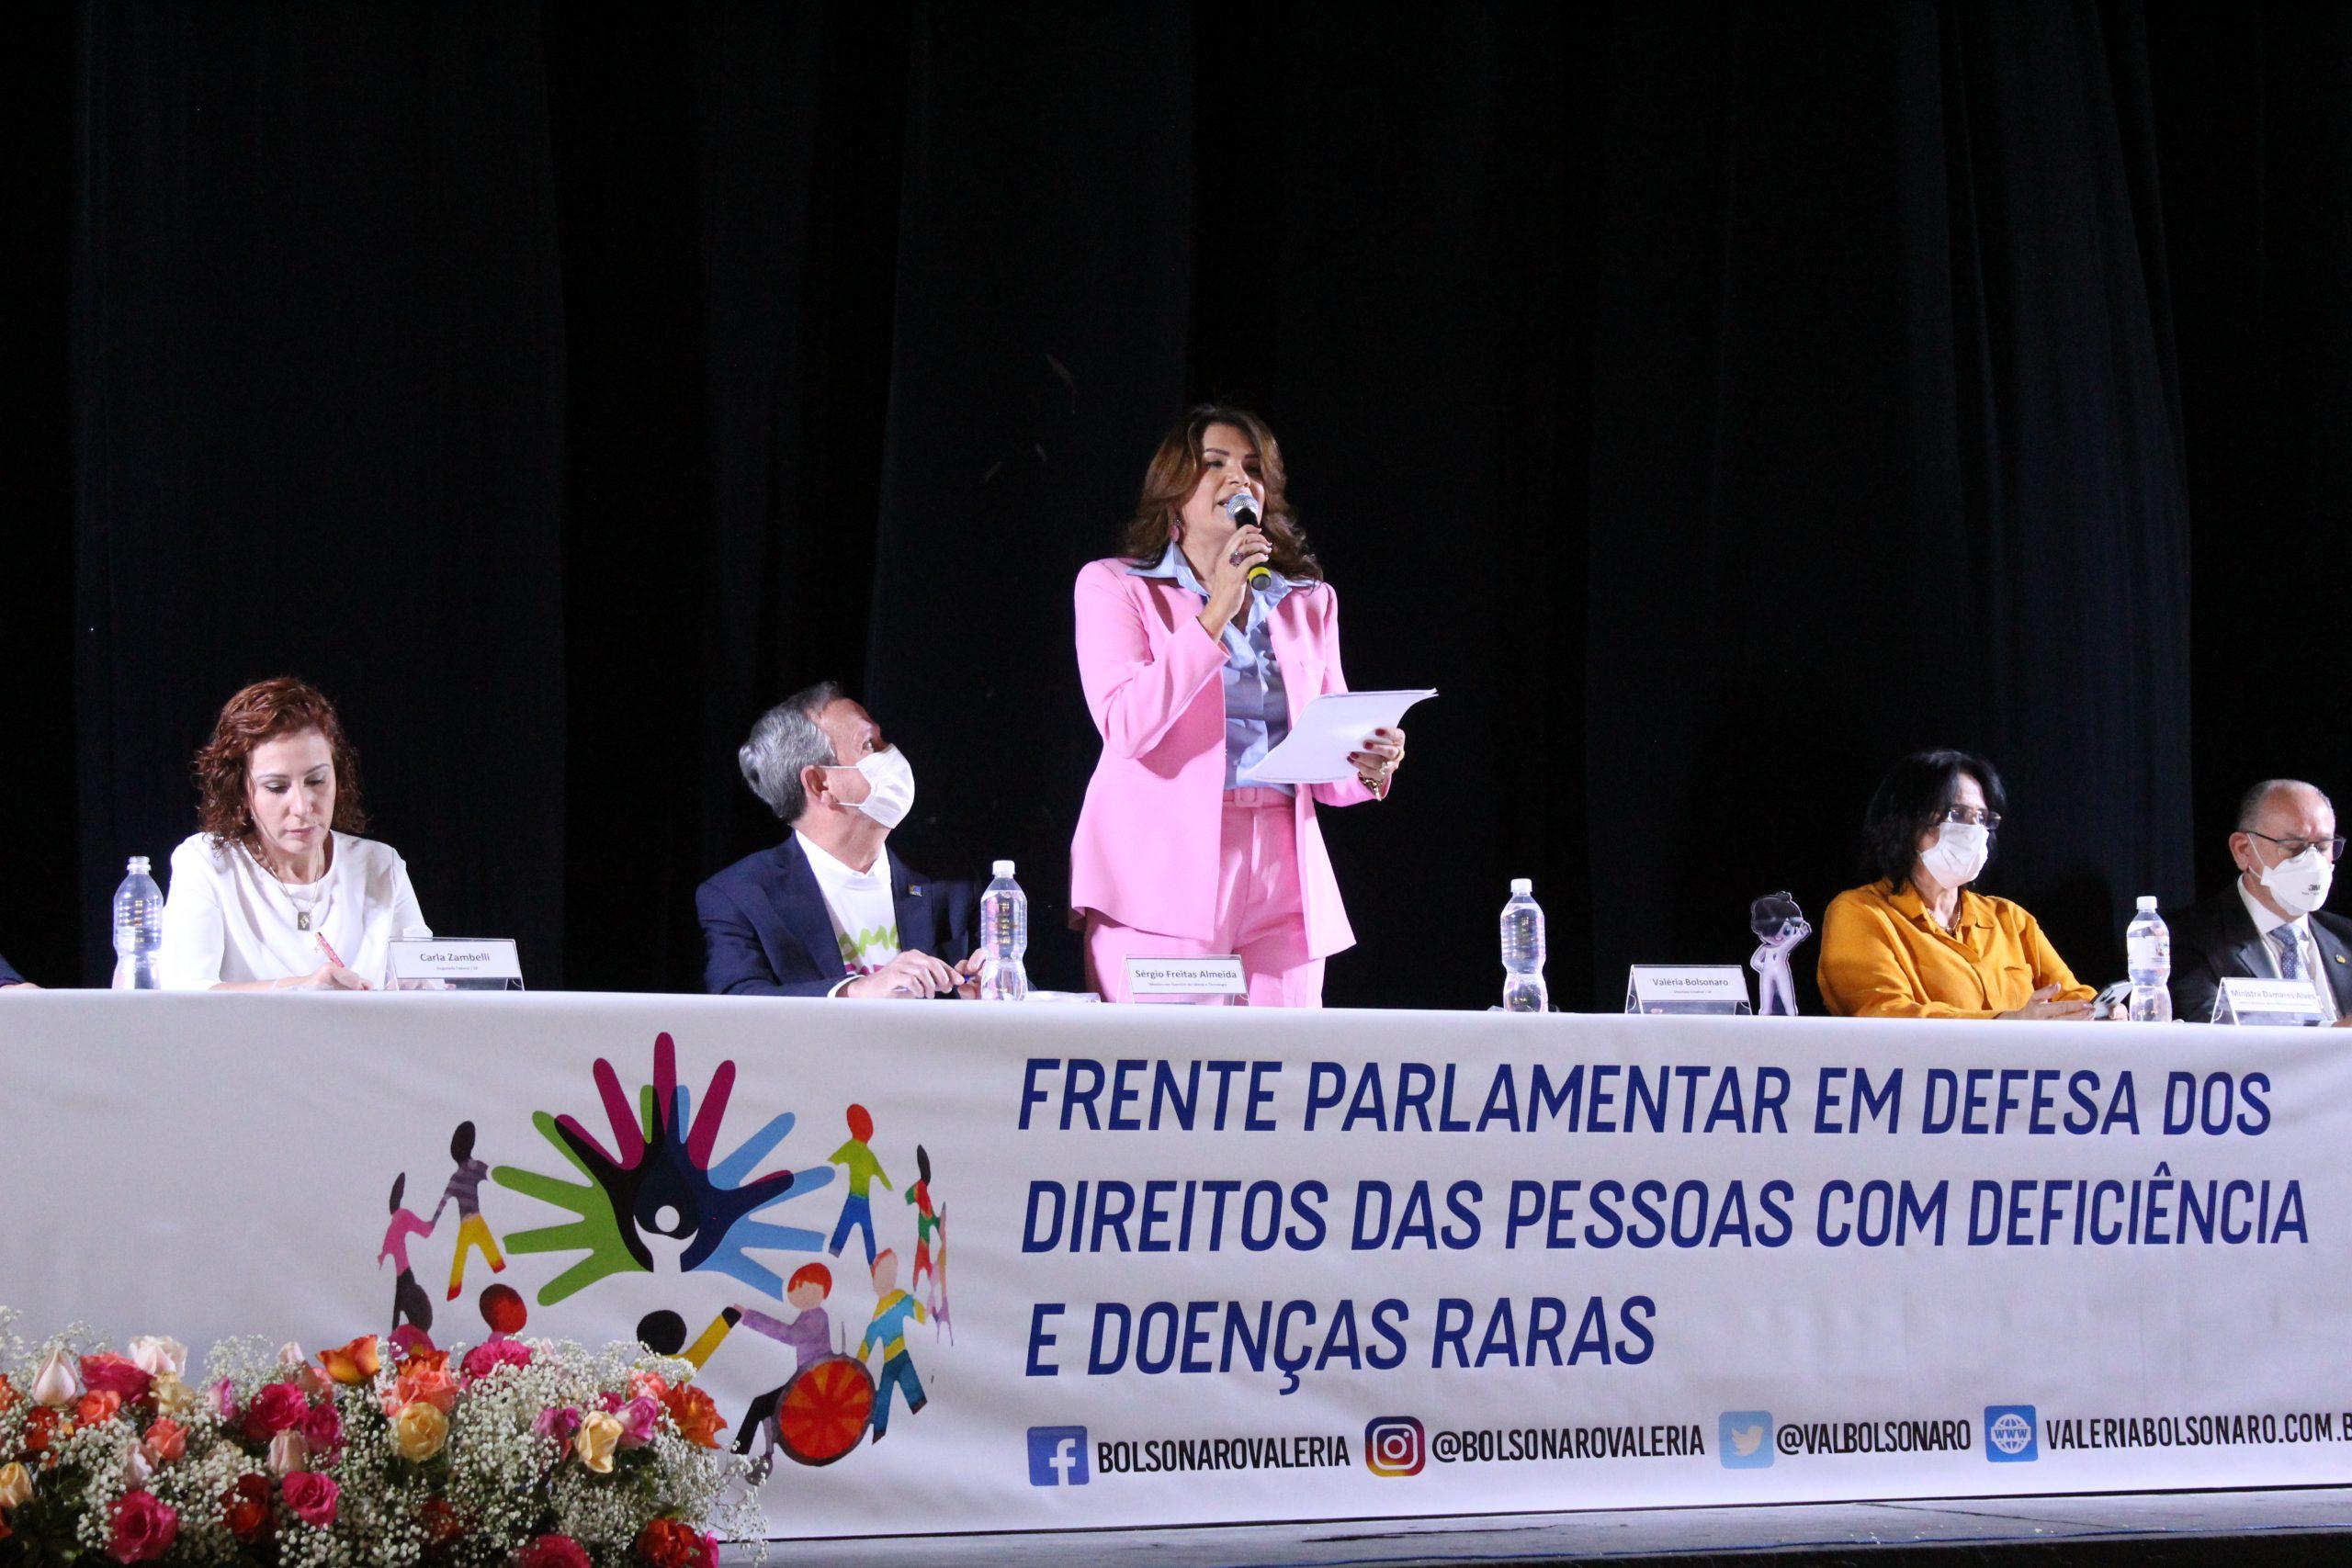 Implantação da Frente Parlamentar das Pessoas com Deficiência e Doenças Raras é um sucesso! Deputada Valéria Bolsonaro reuniu dezenas de municípios paulistas e autoridades de todo o país